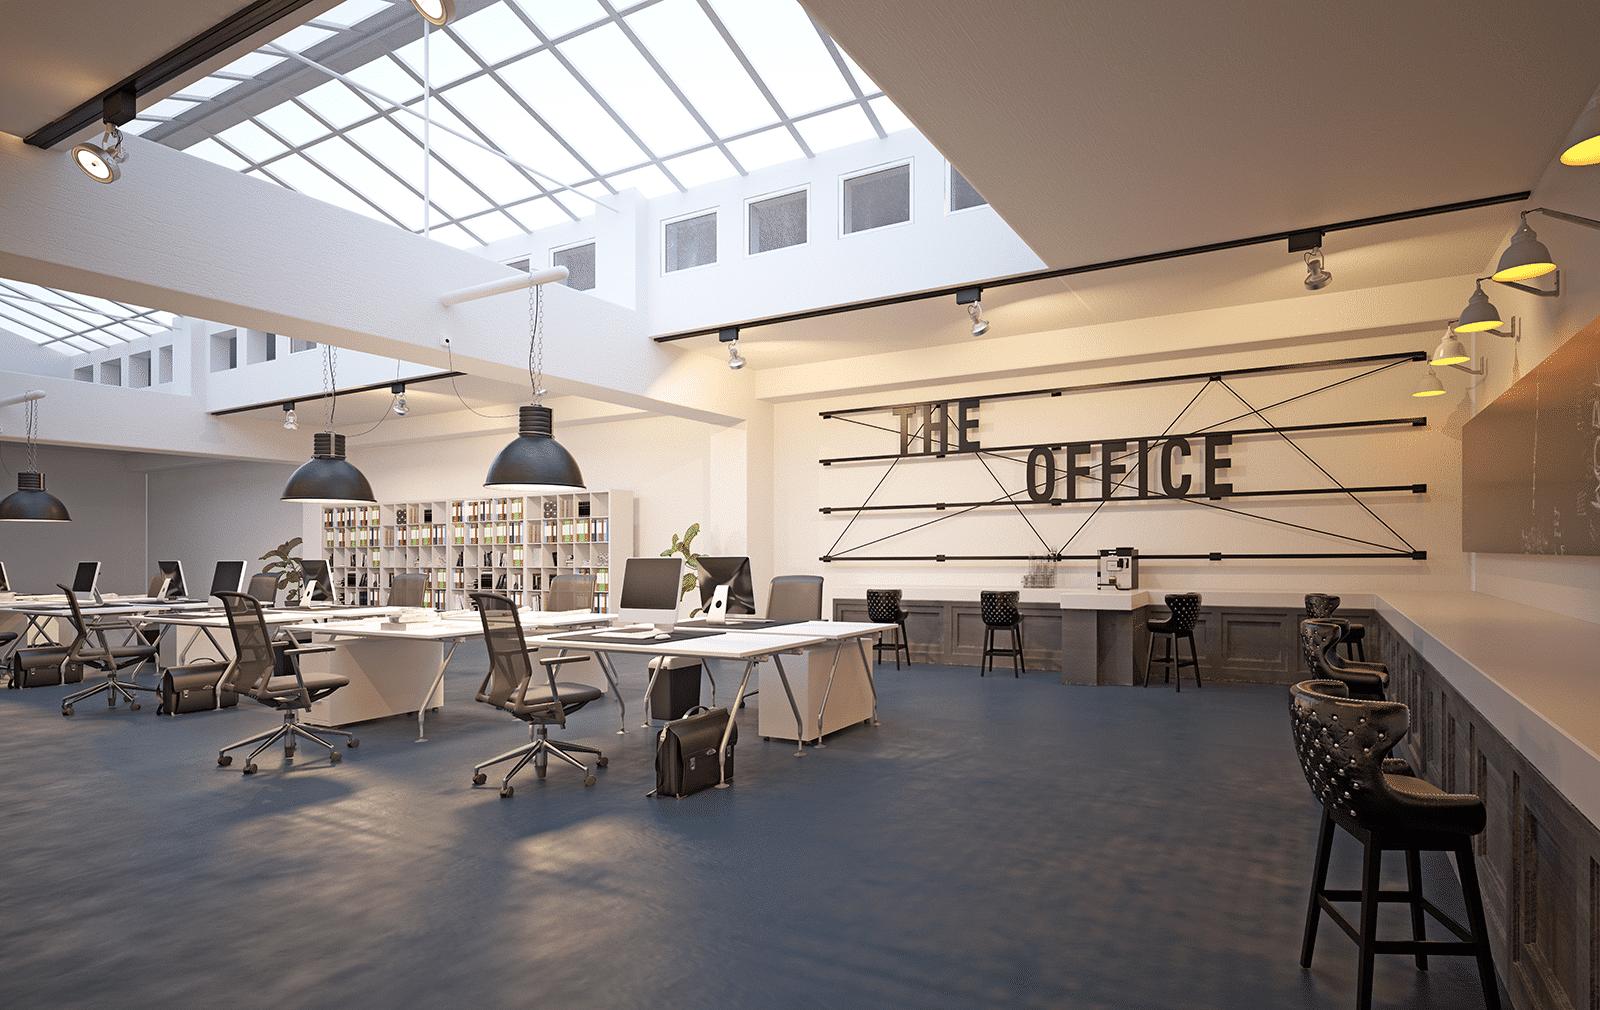 smeup Hybrid&Flexible workplace